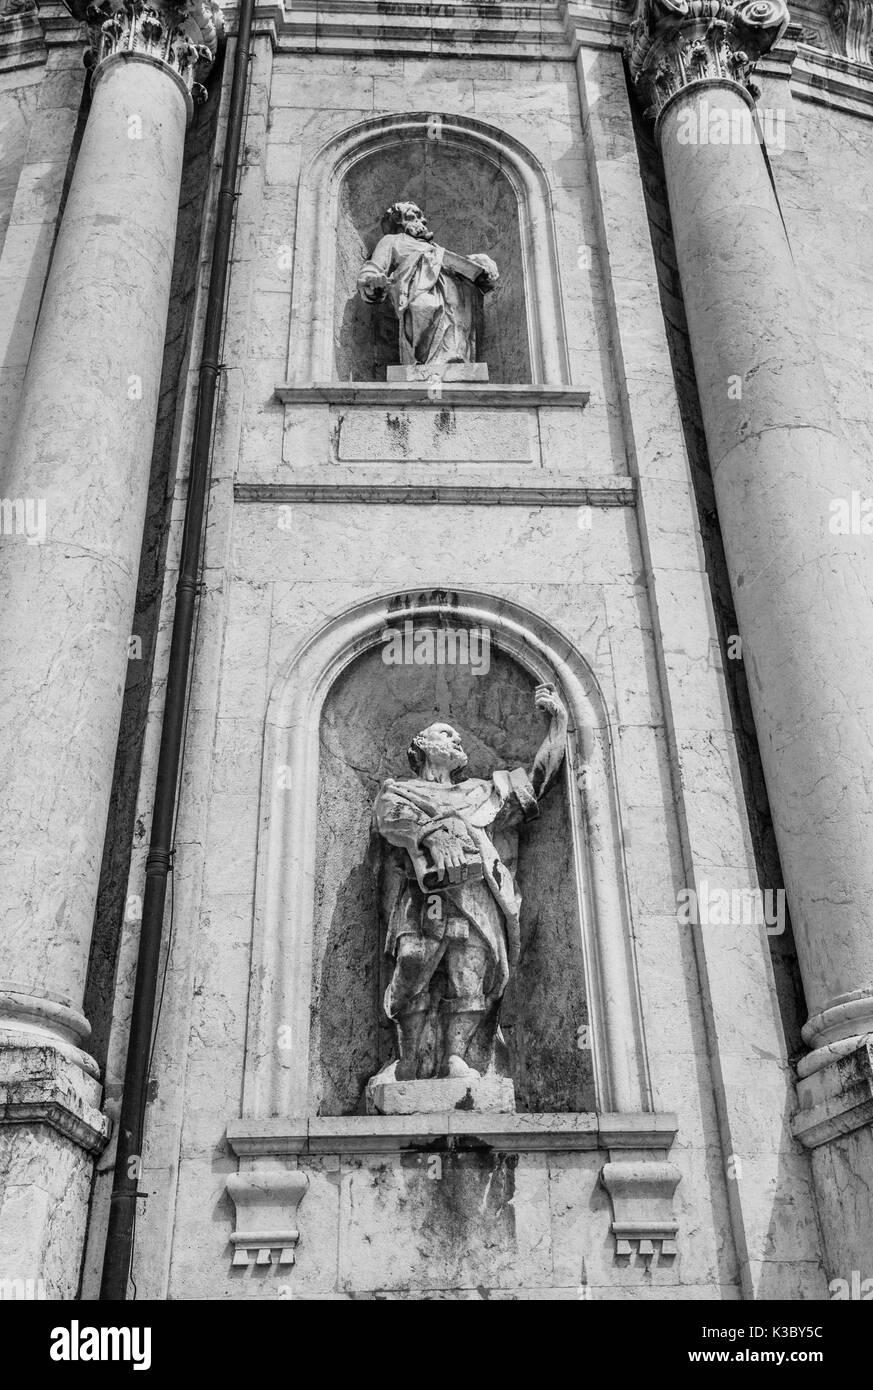 Germany, Bavaria, monastère bénédictin Ettal, des statues à la façade de l'église abbatiale Ettal Photo Stock